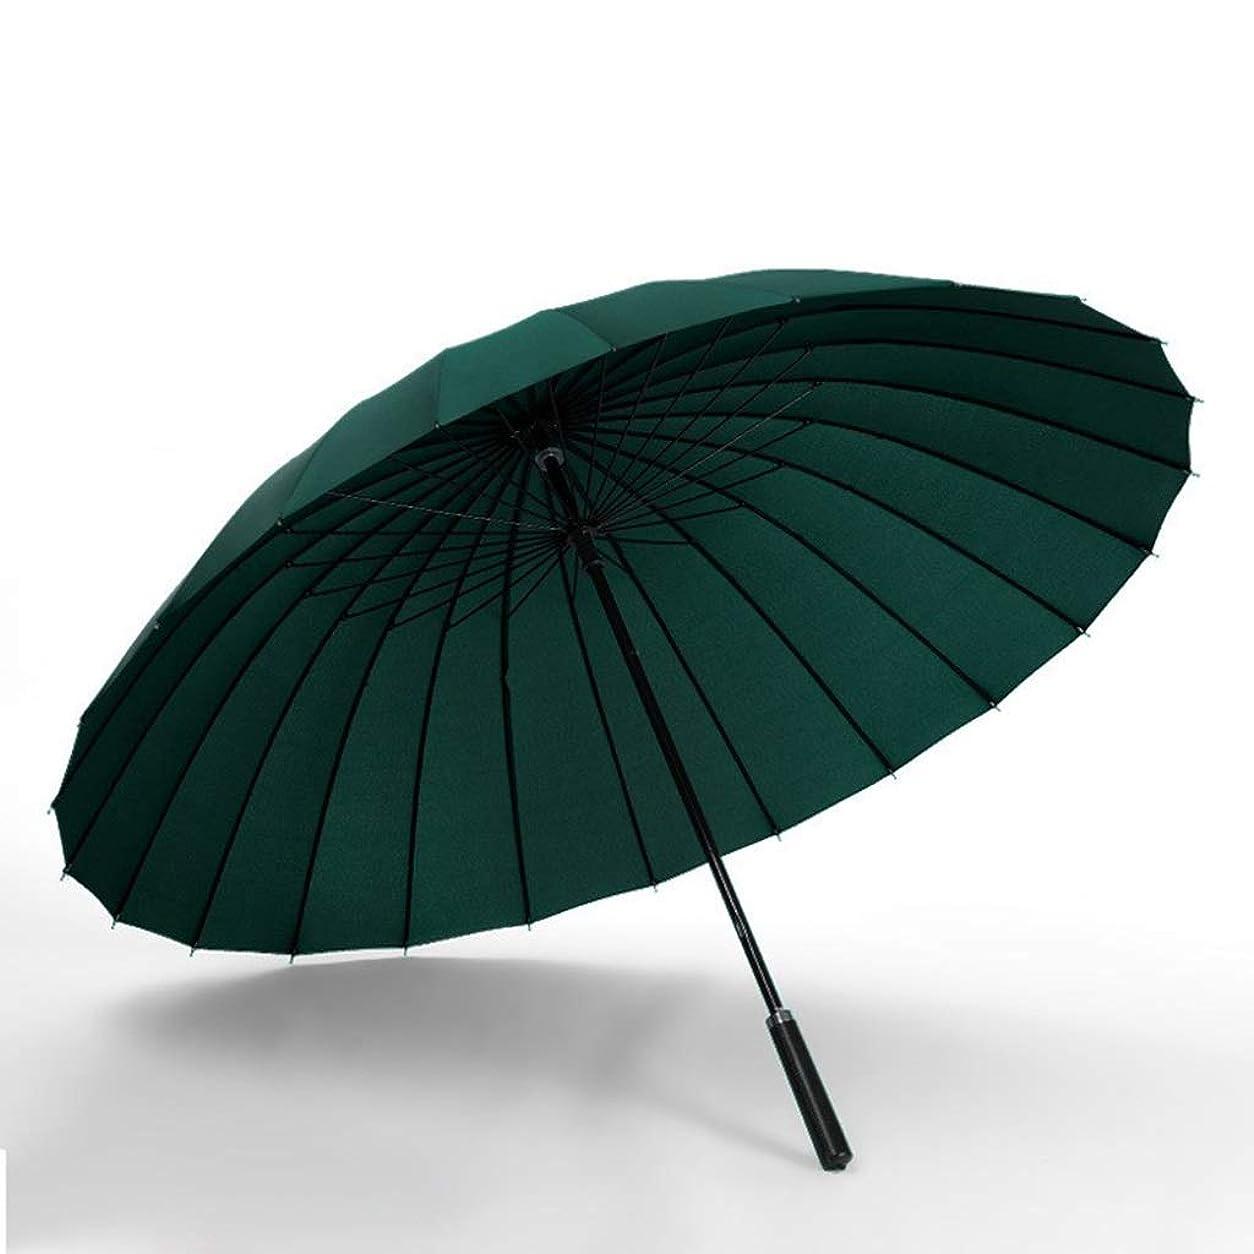 フットボール教育少ないDCCRBR ロングハンドル傘ブラックストレートハンドル防風ビジネス傘24骨大二重強化防風インクグリーン85センチメートルマニュアル 防水傘